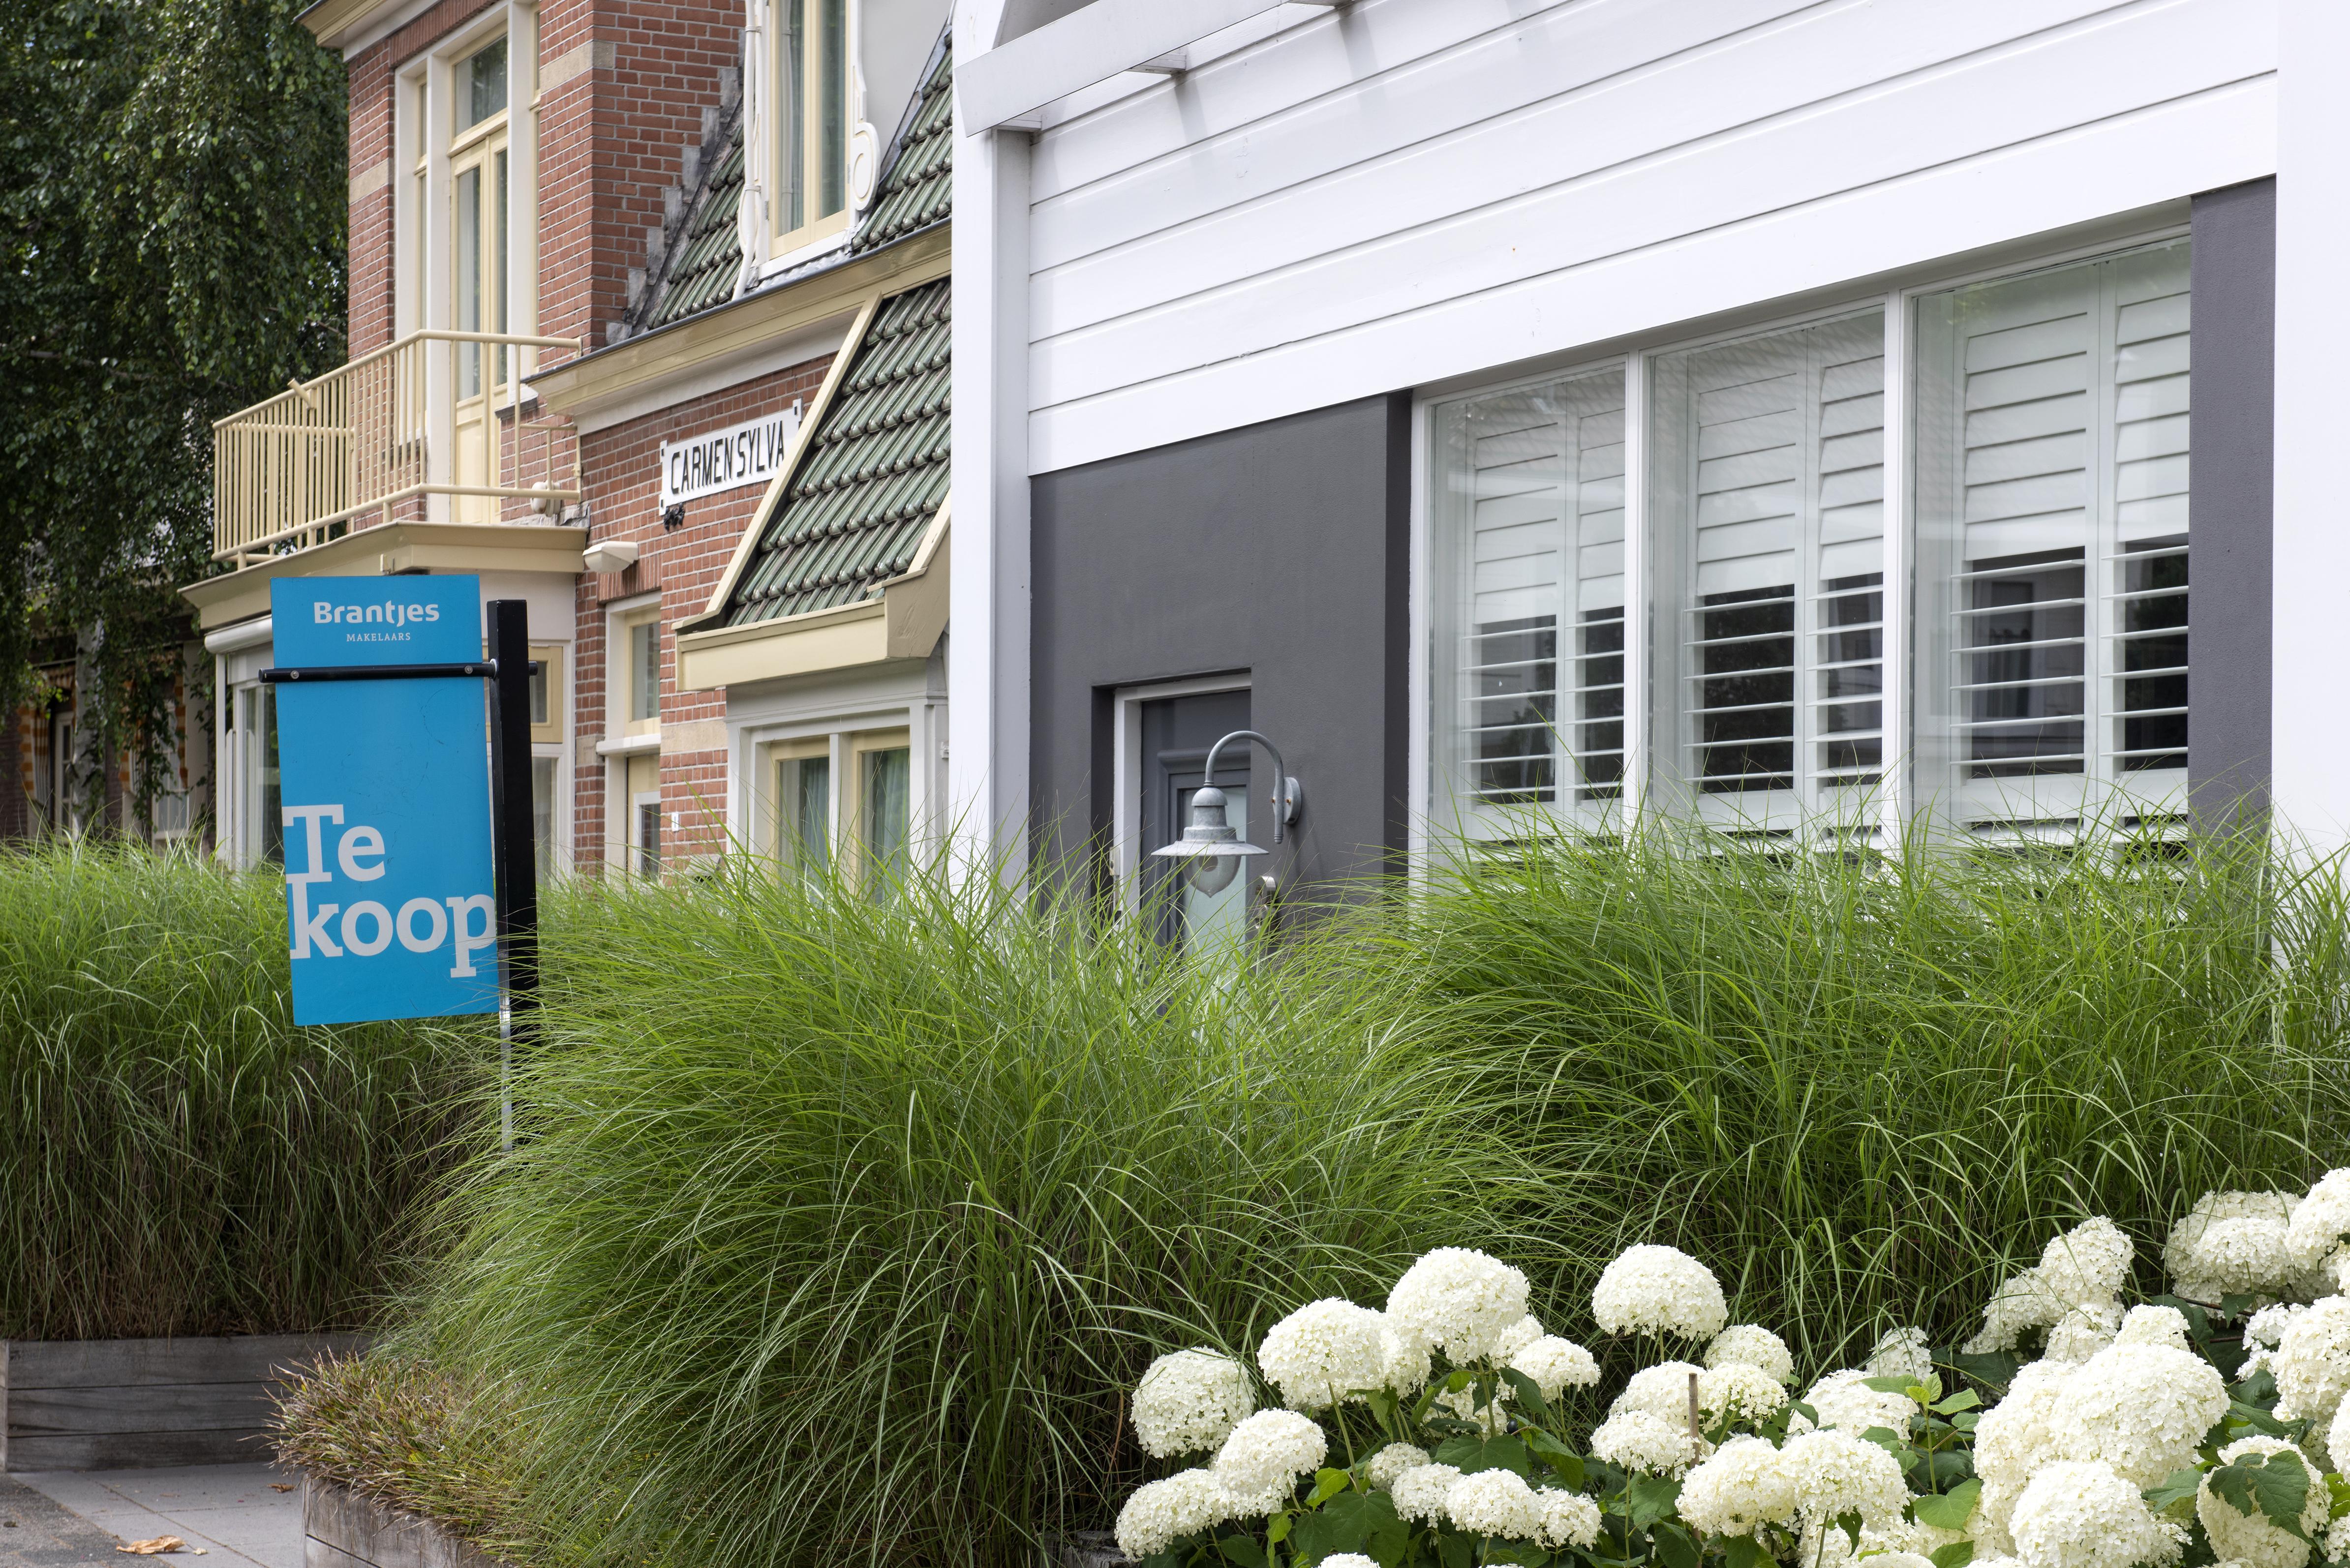 Koopwoning in Kennemerland in een jaar tijd 19.000 euro duurder geworden